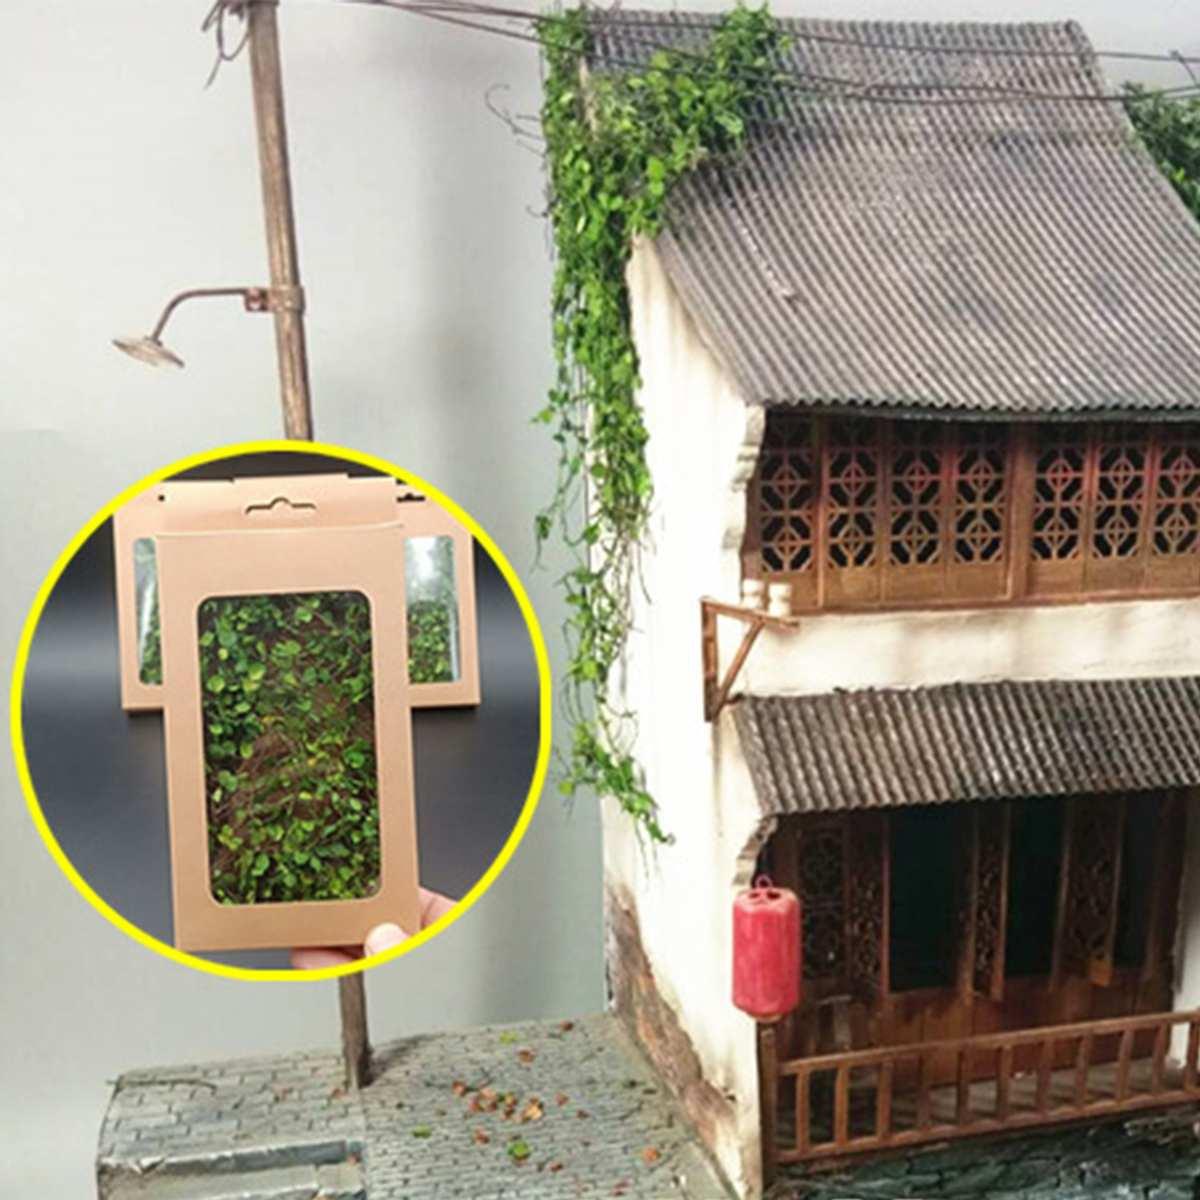 DIY Artificial Mini Scenery Rattan Creeper Model Scale Military Garden Street Accessory Micro Landscape Sand Table Model Decor